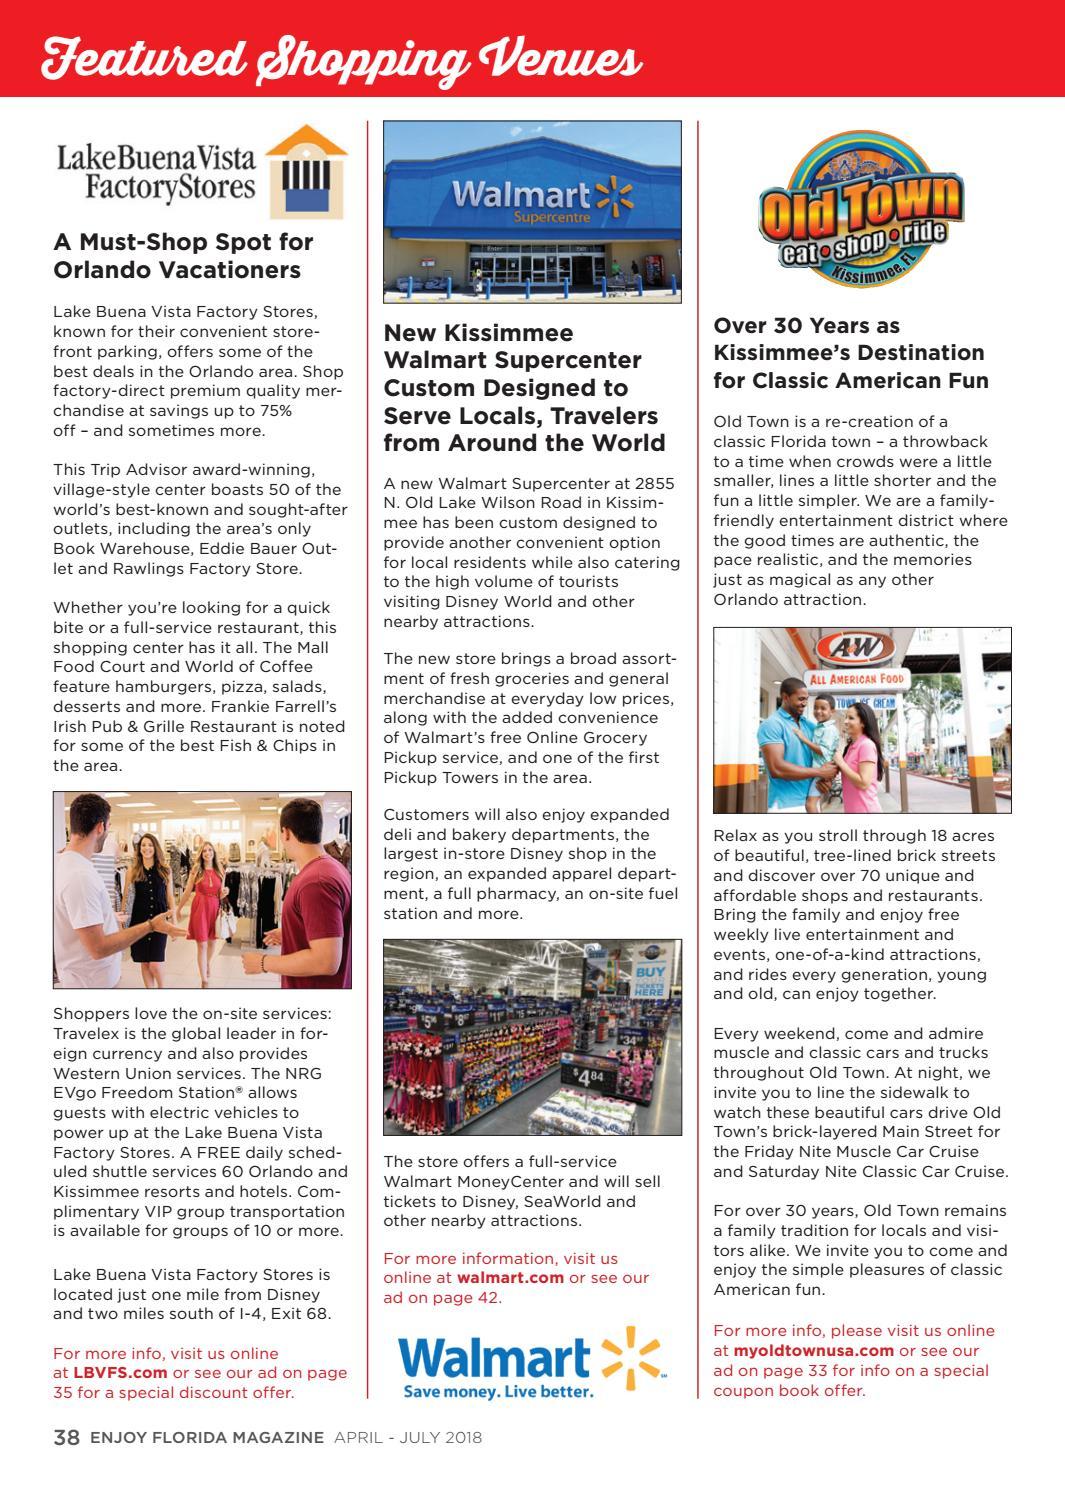 Enjoy Florida Magazine, April - July 2018 by Enjoy Florida